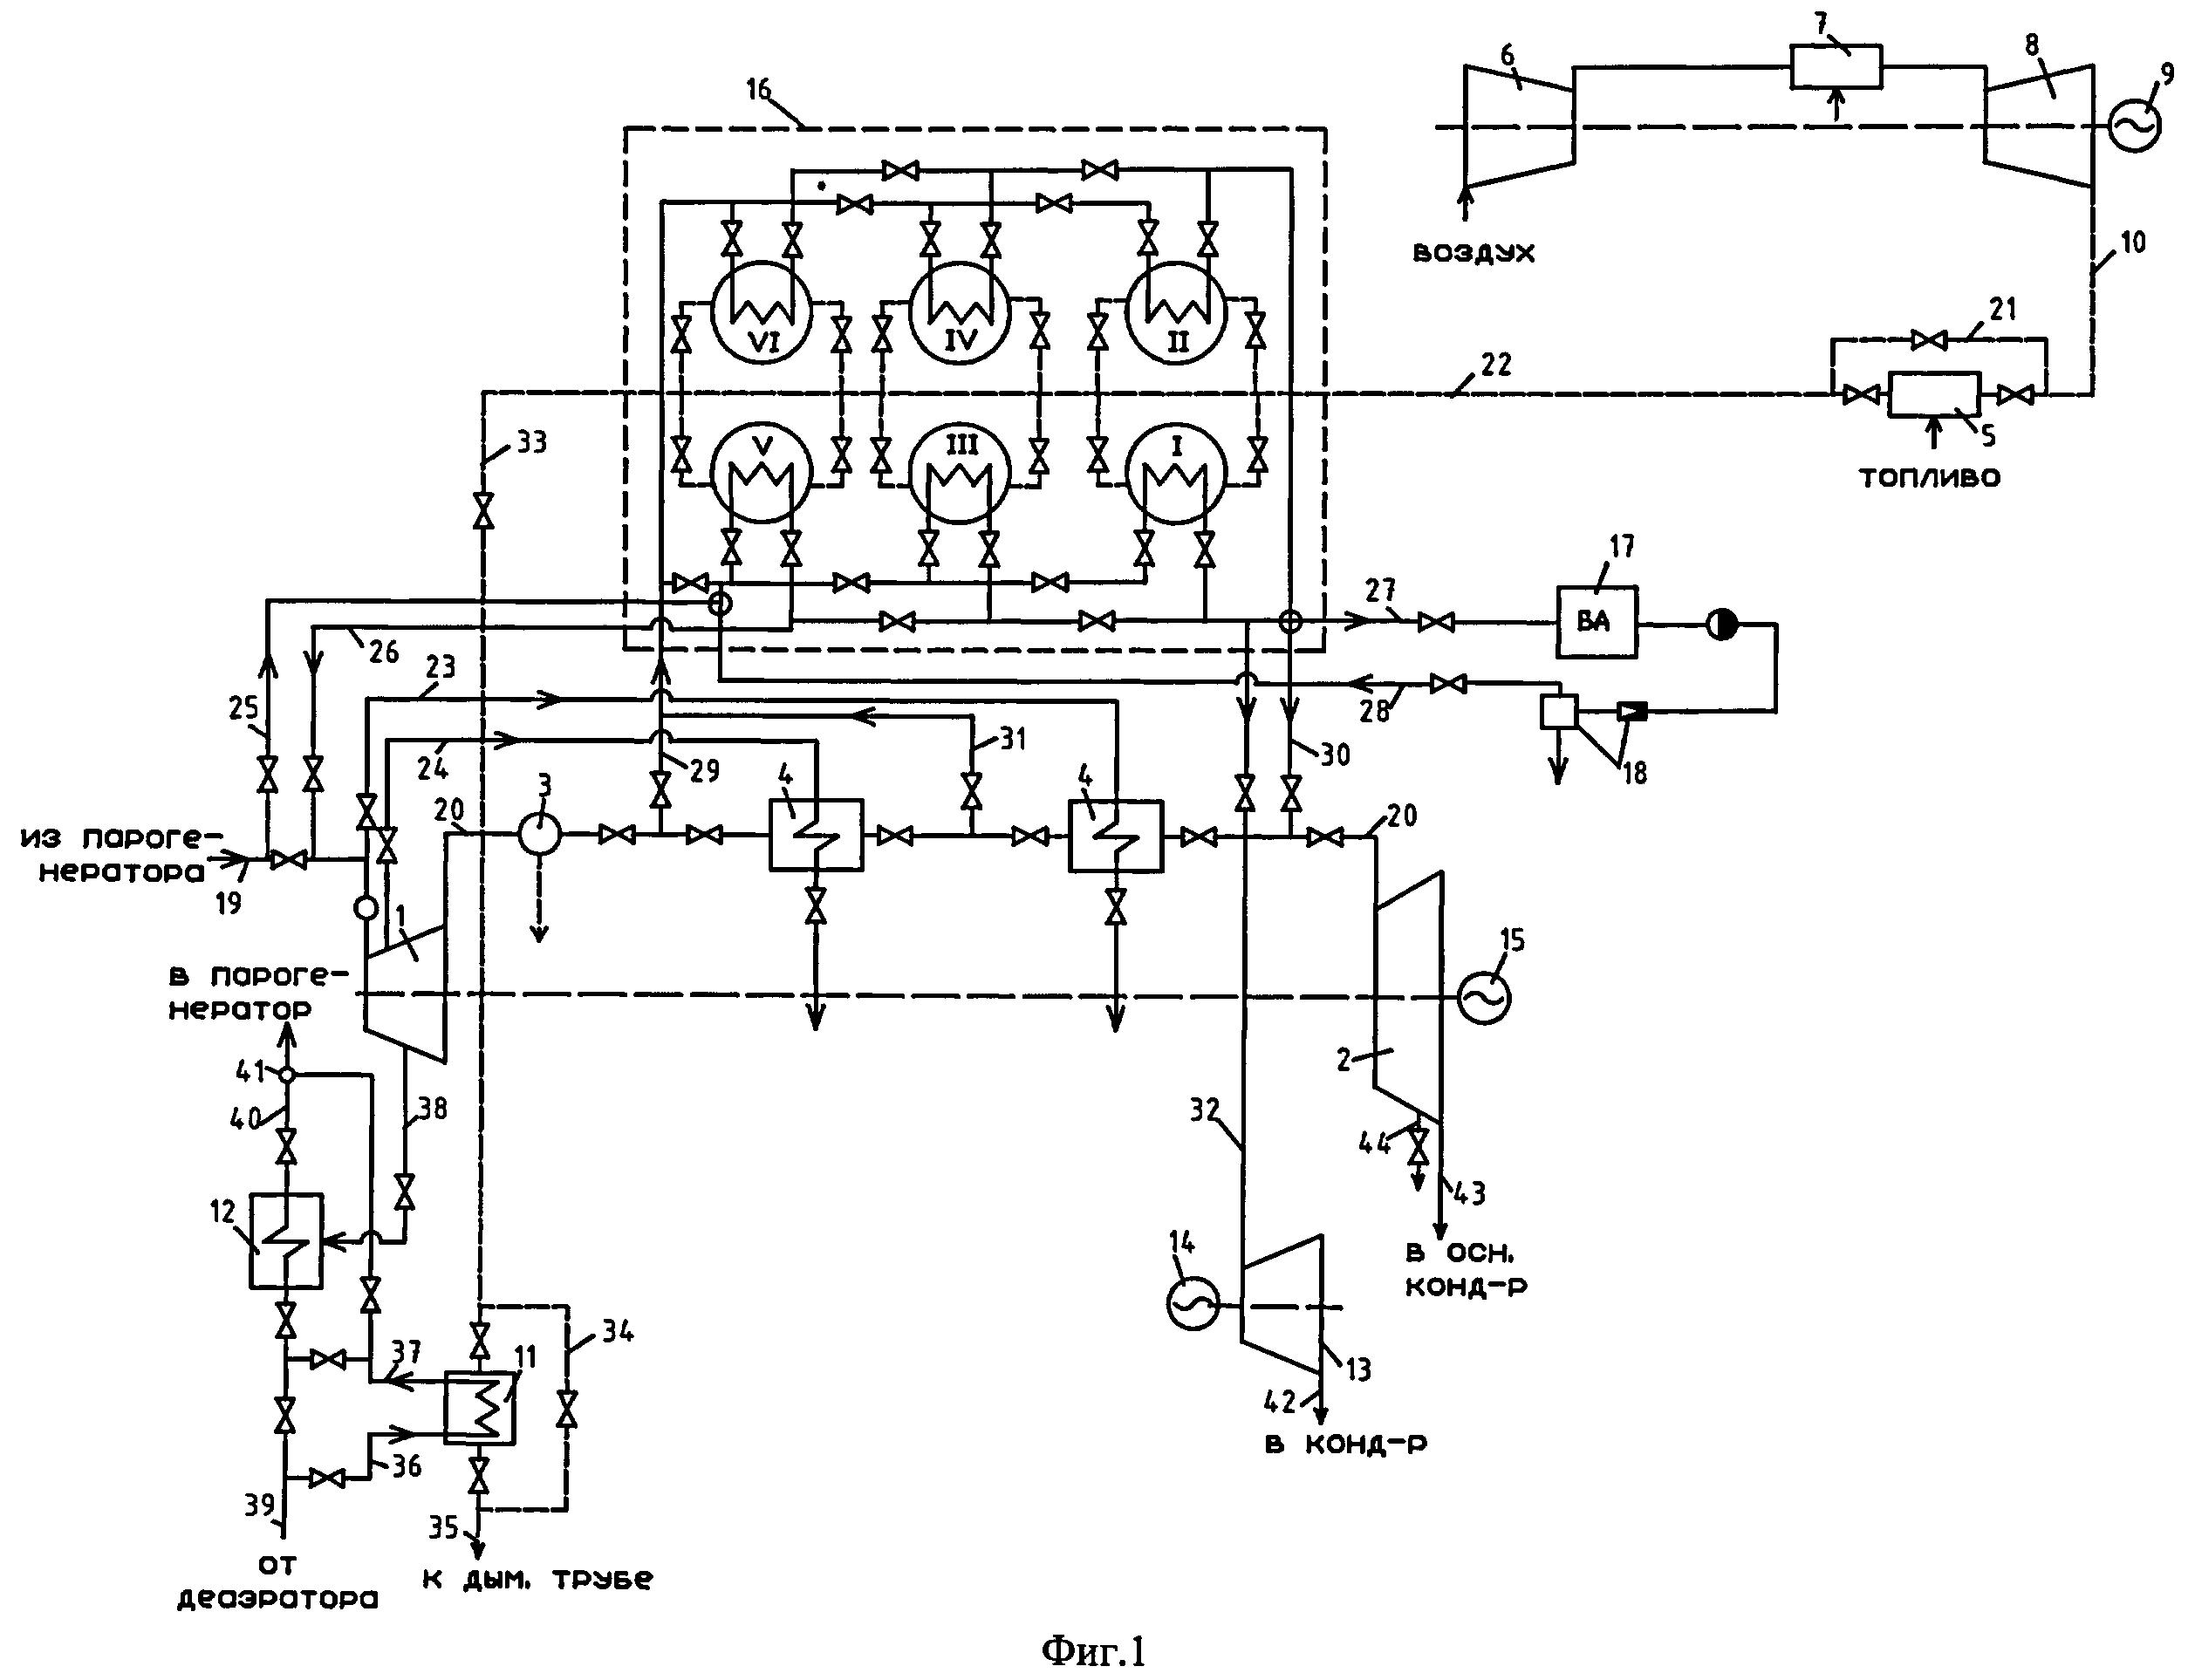 Парогазовая установка на базе аэс